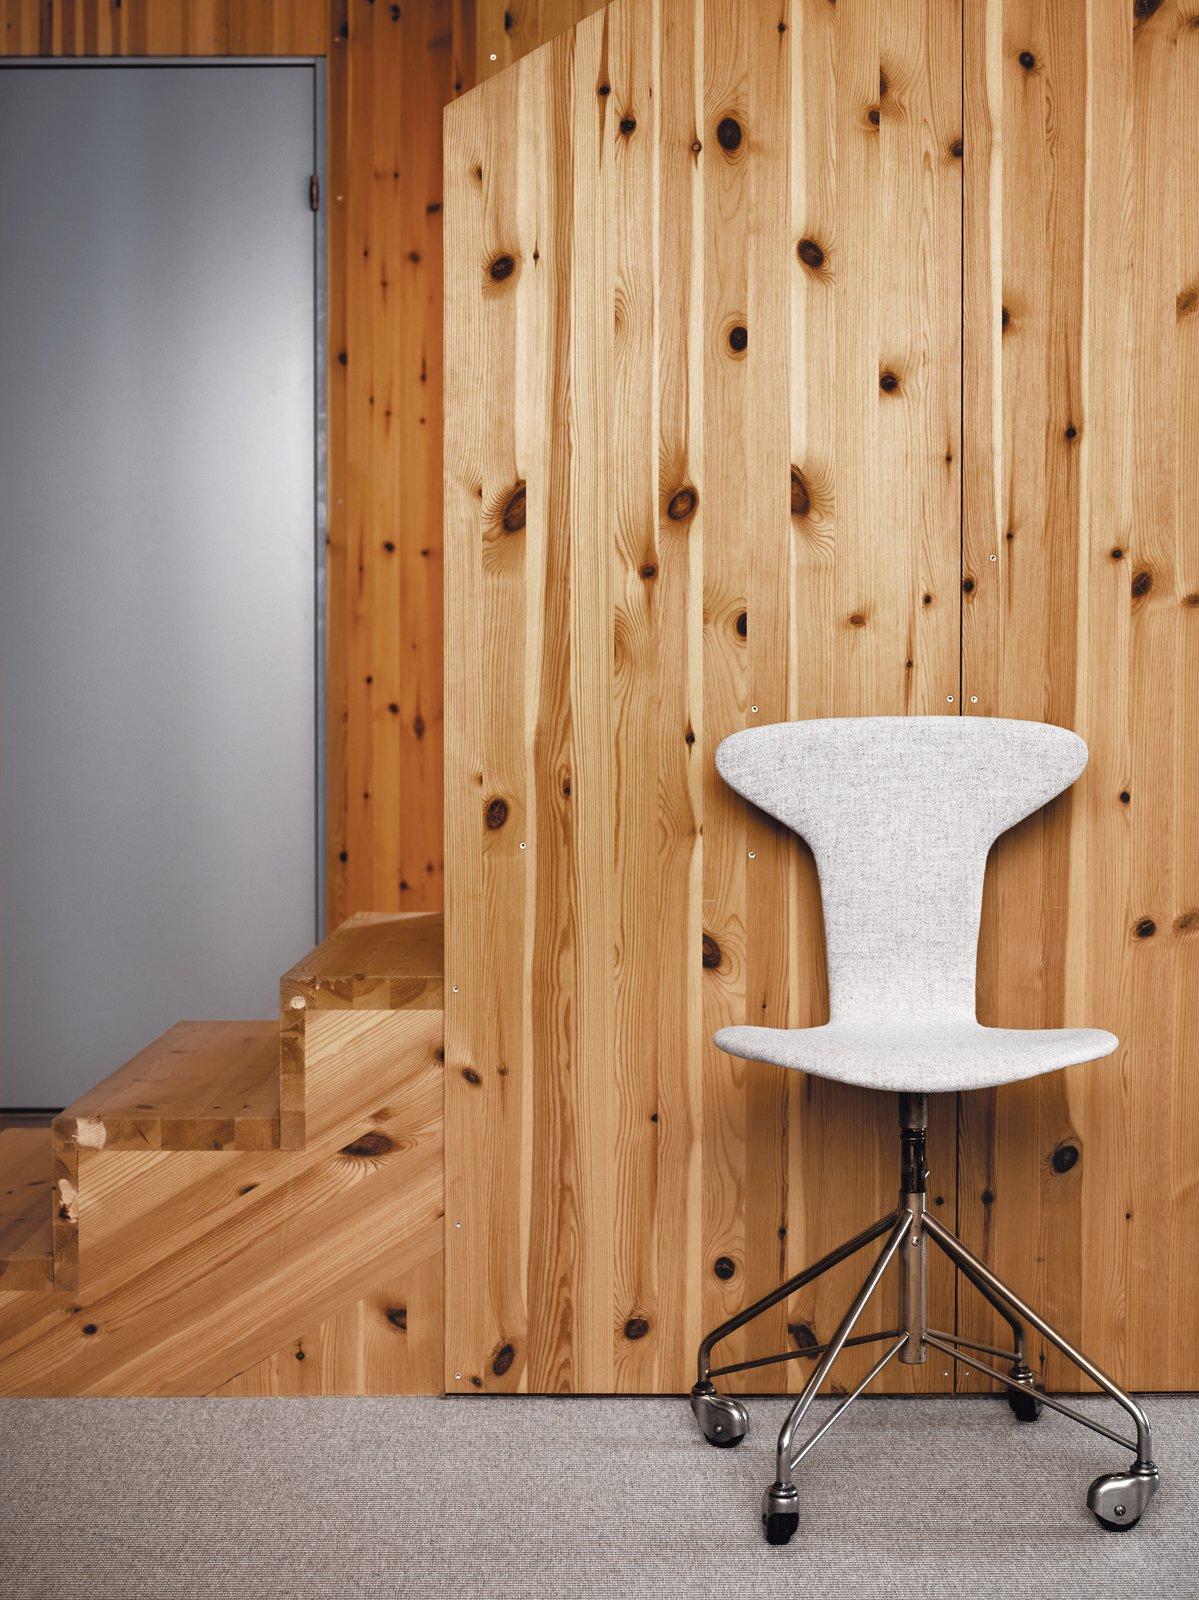 #seatingdesign #chair #wood #modern #pine #stairs #Sweden #BornsteinArkitekter #interior #inside  100+ Best Modern Seating Designs